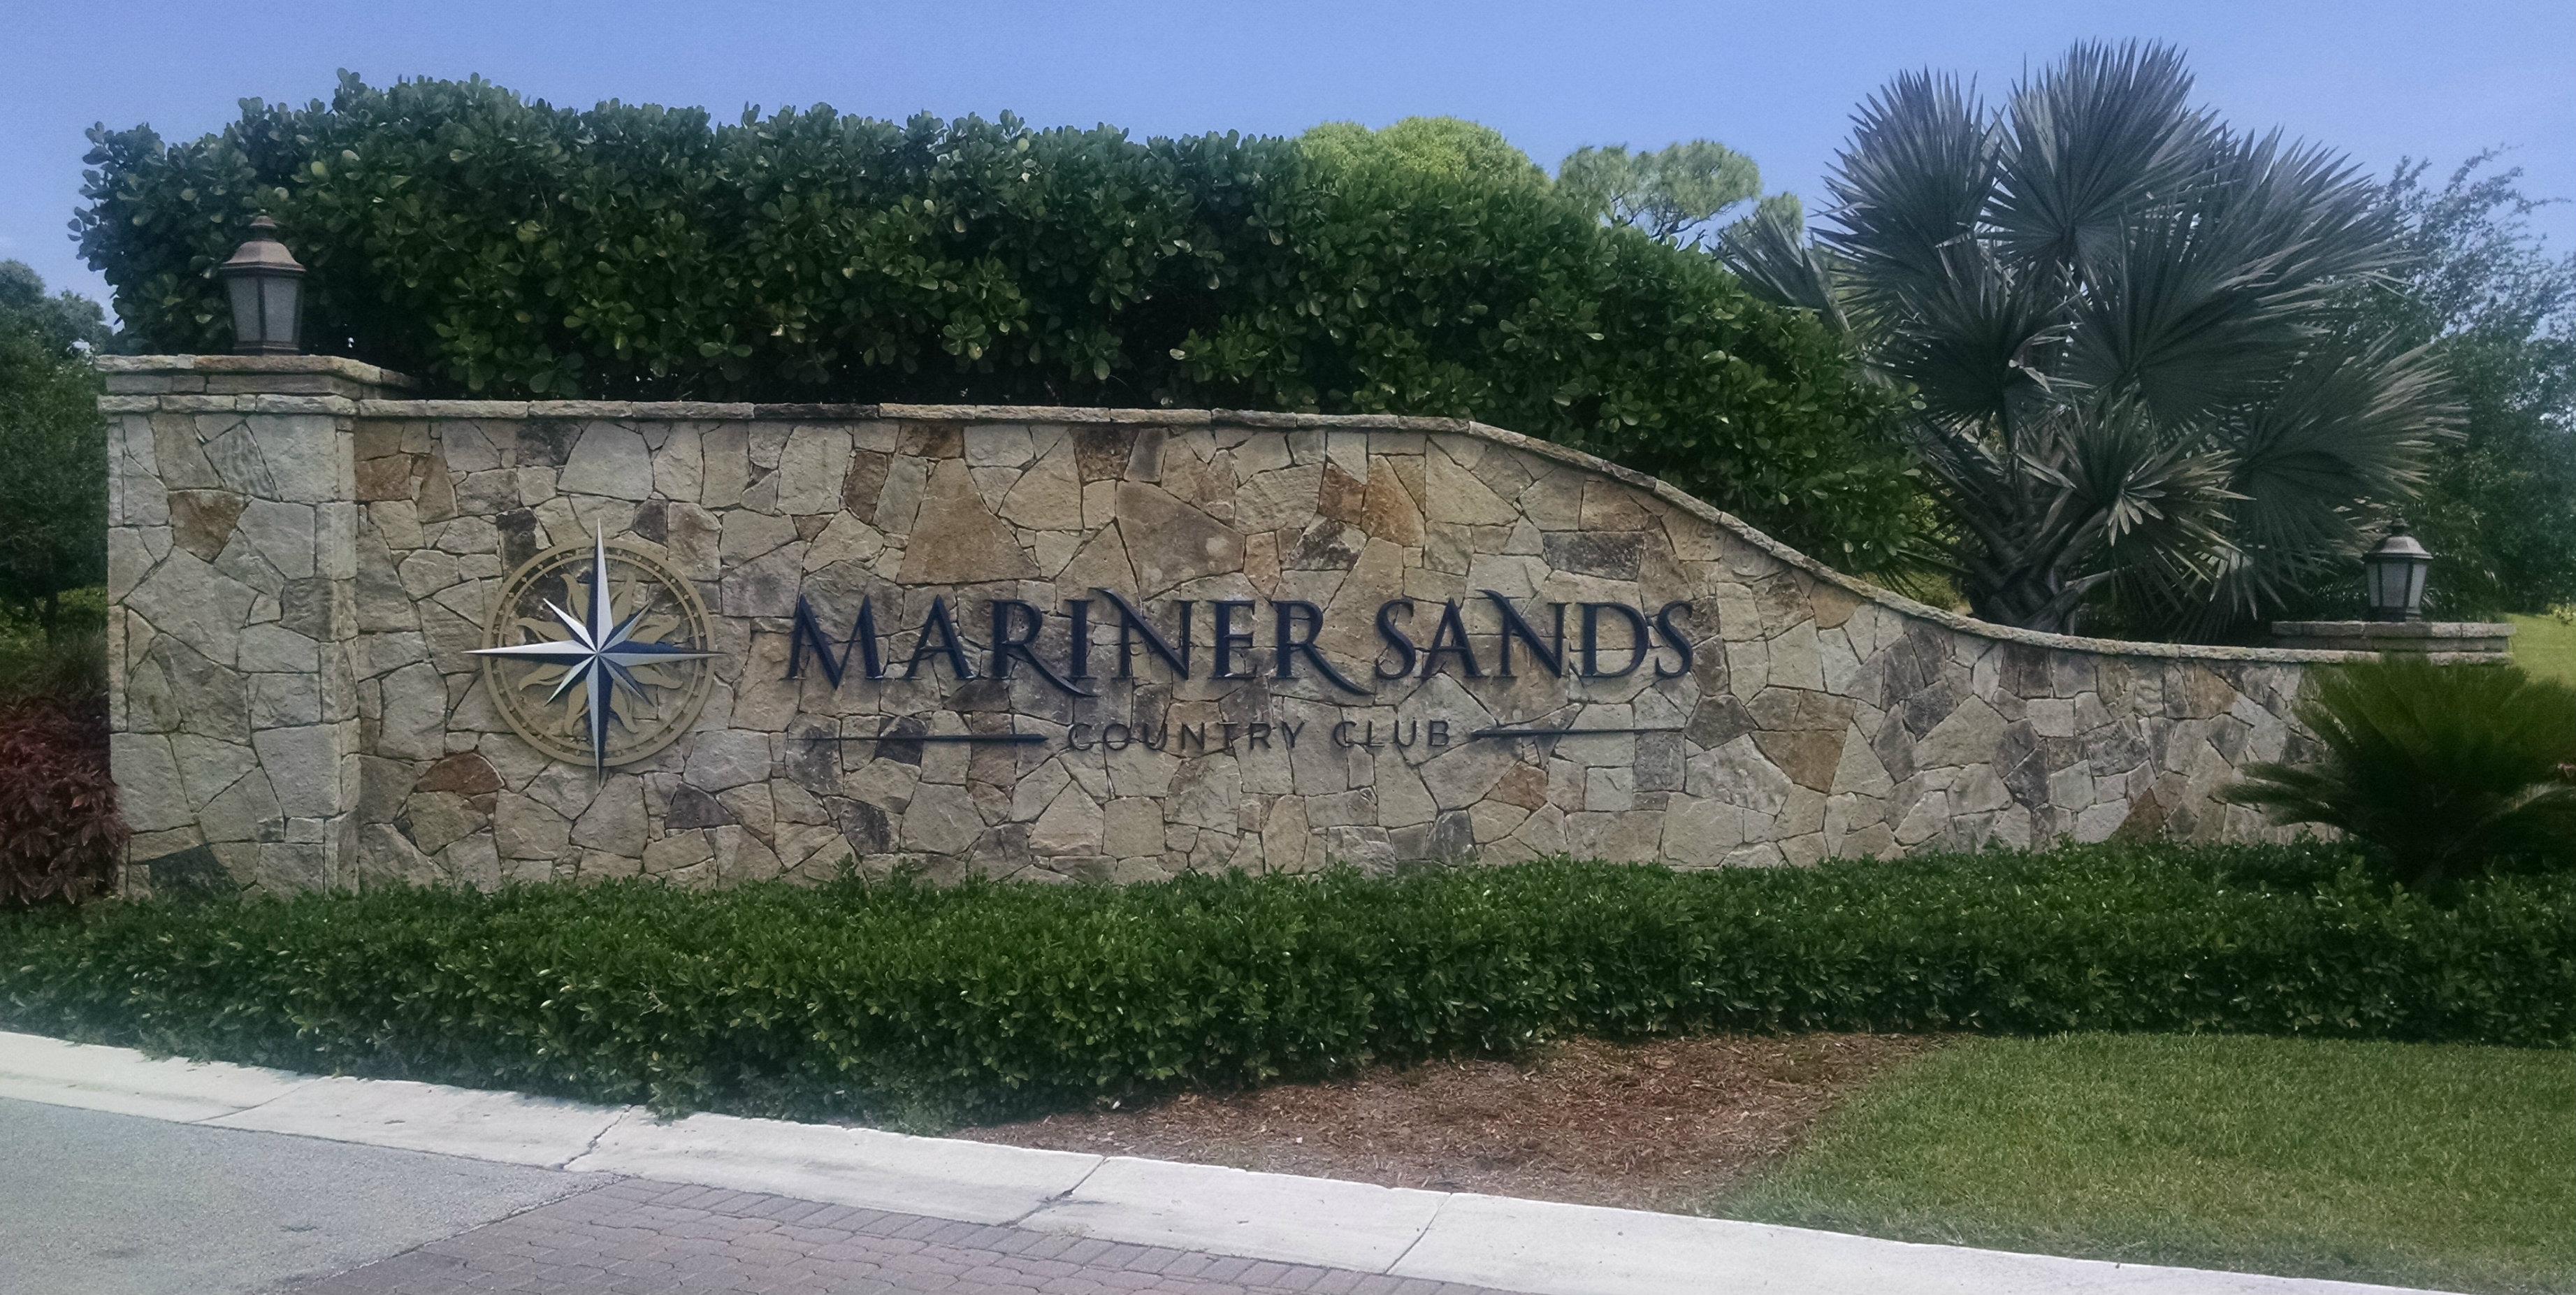 Mariner Sands Golfing